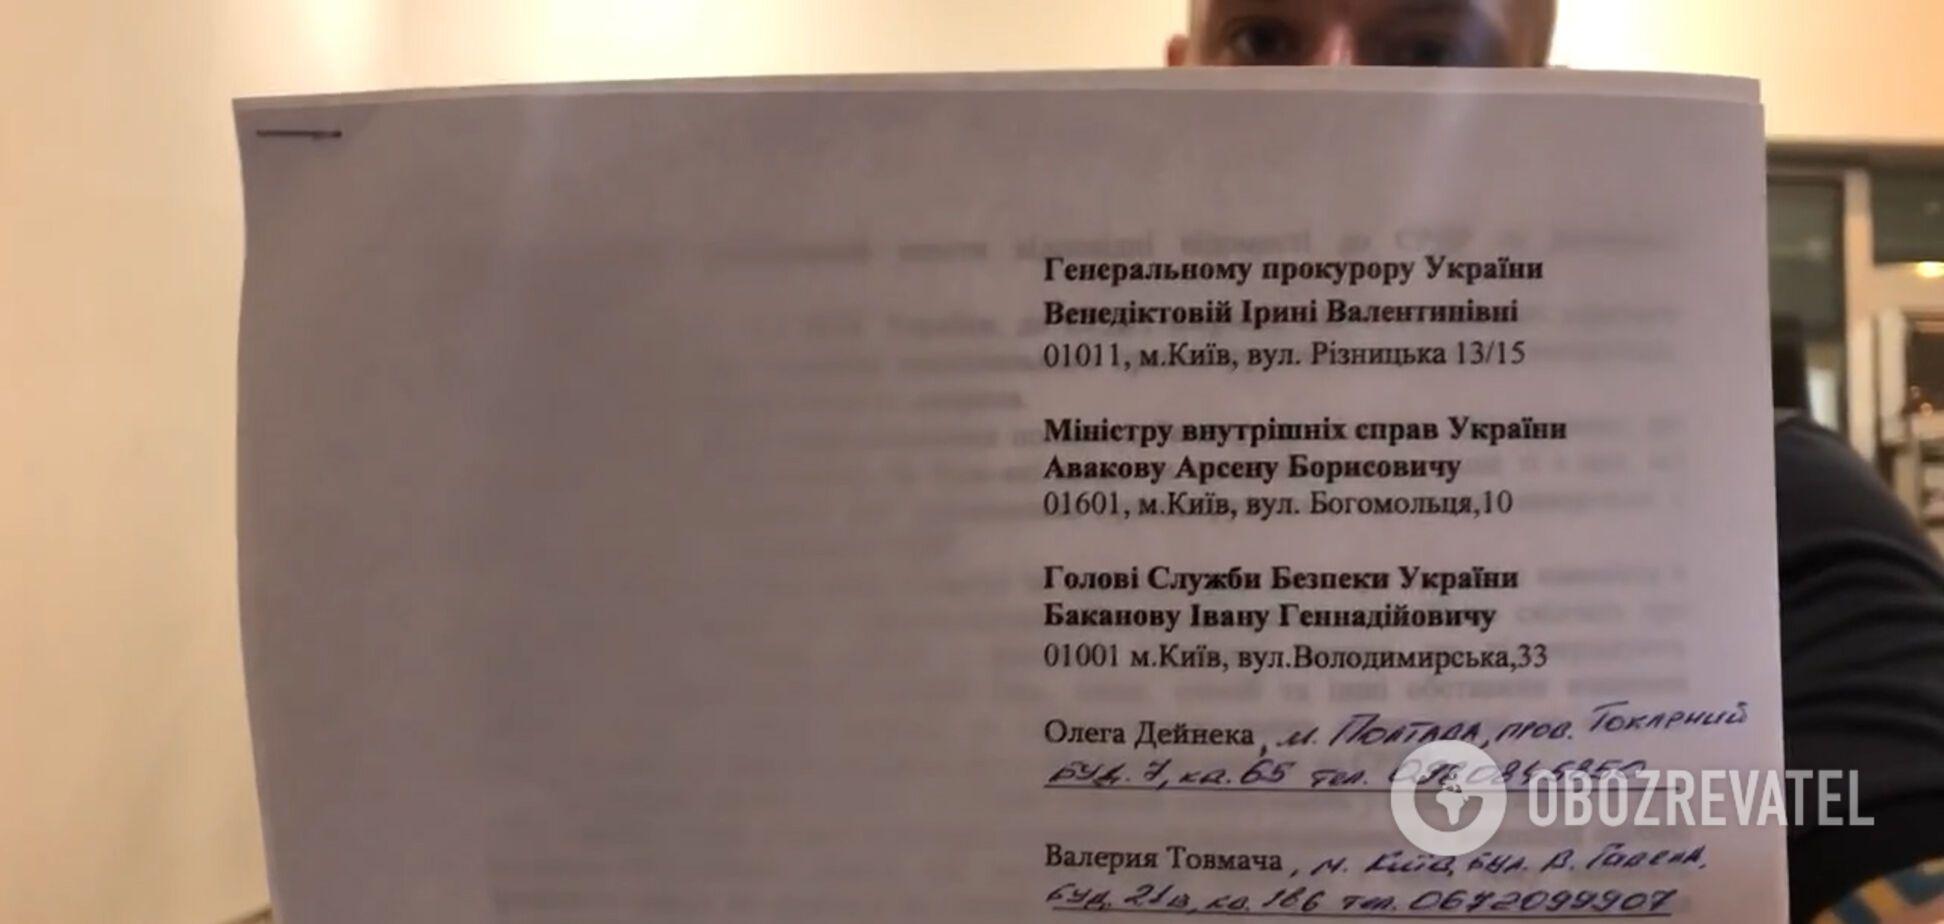 Валерій Товмач: журналісти подали заяву про вчинення злочину Міхаїлом Саакашвілі